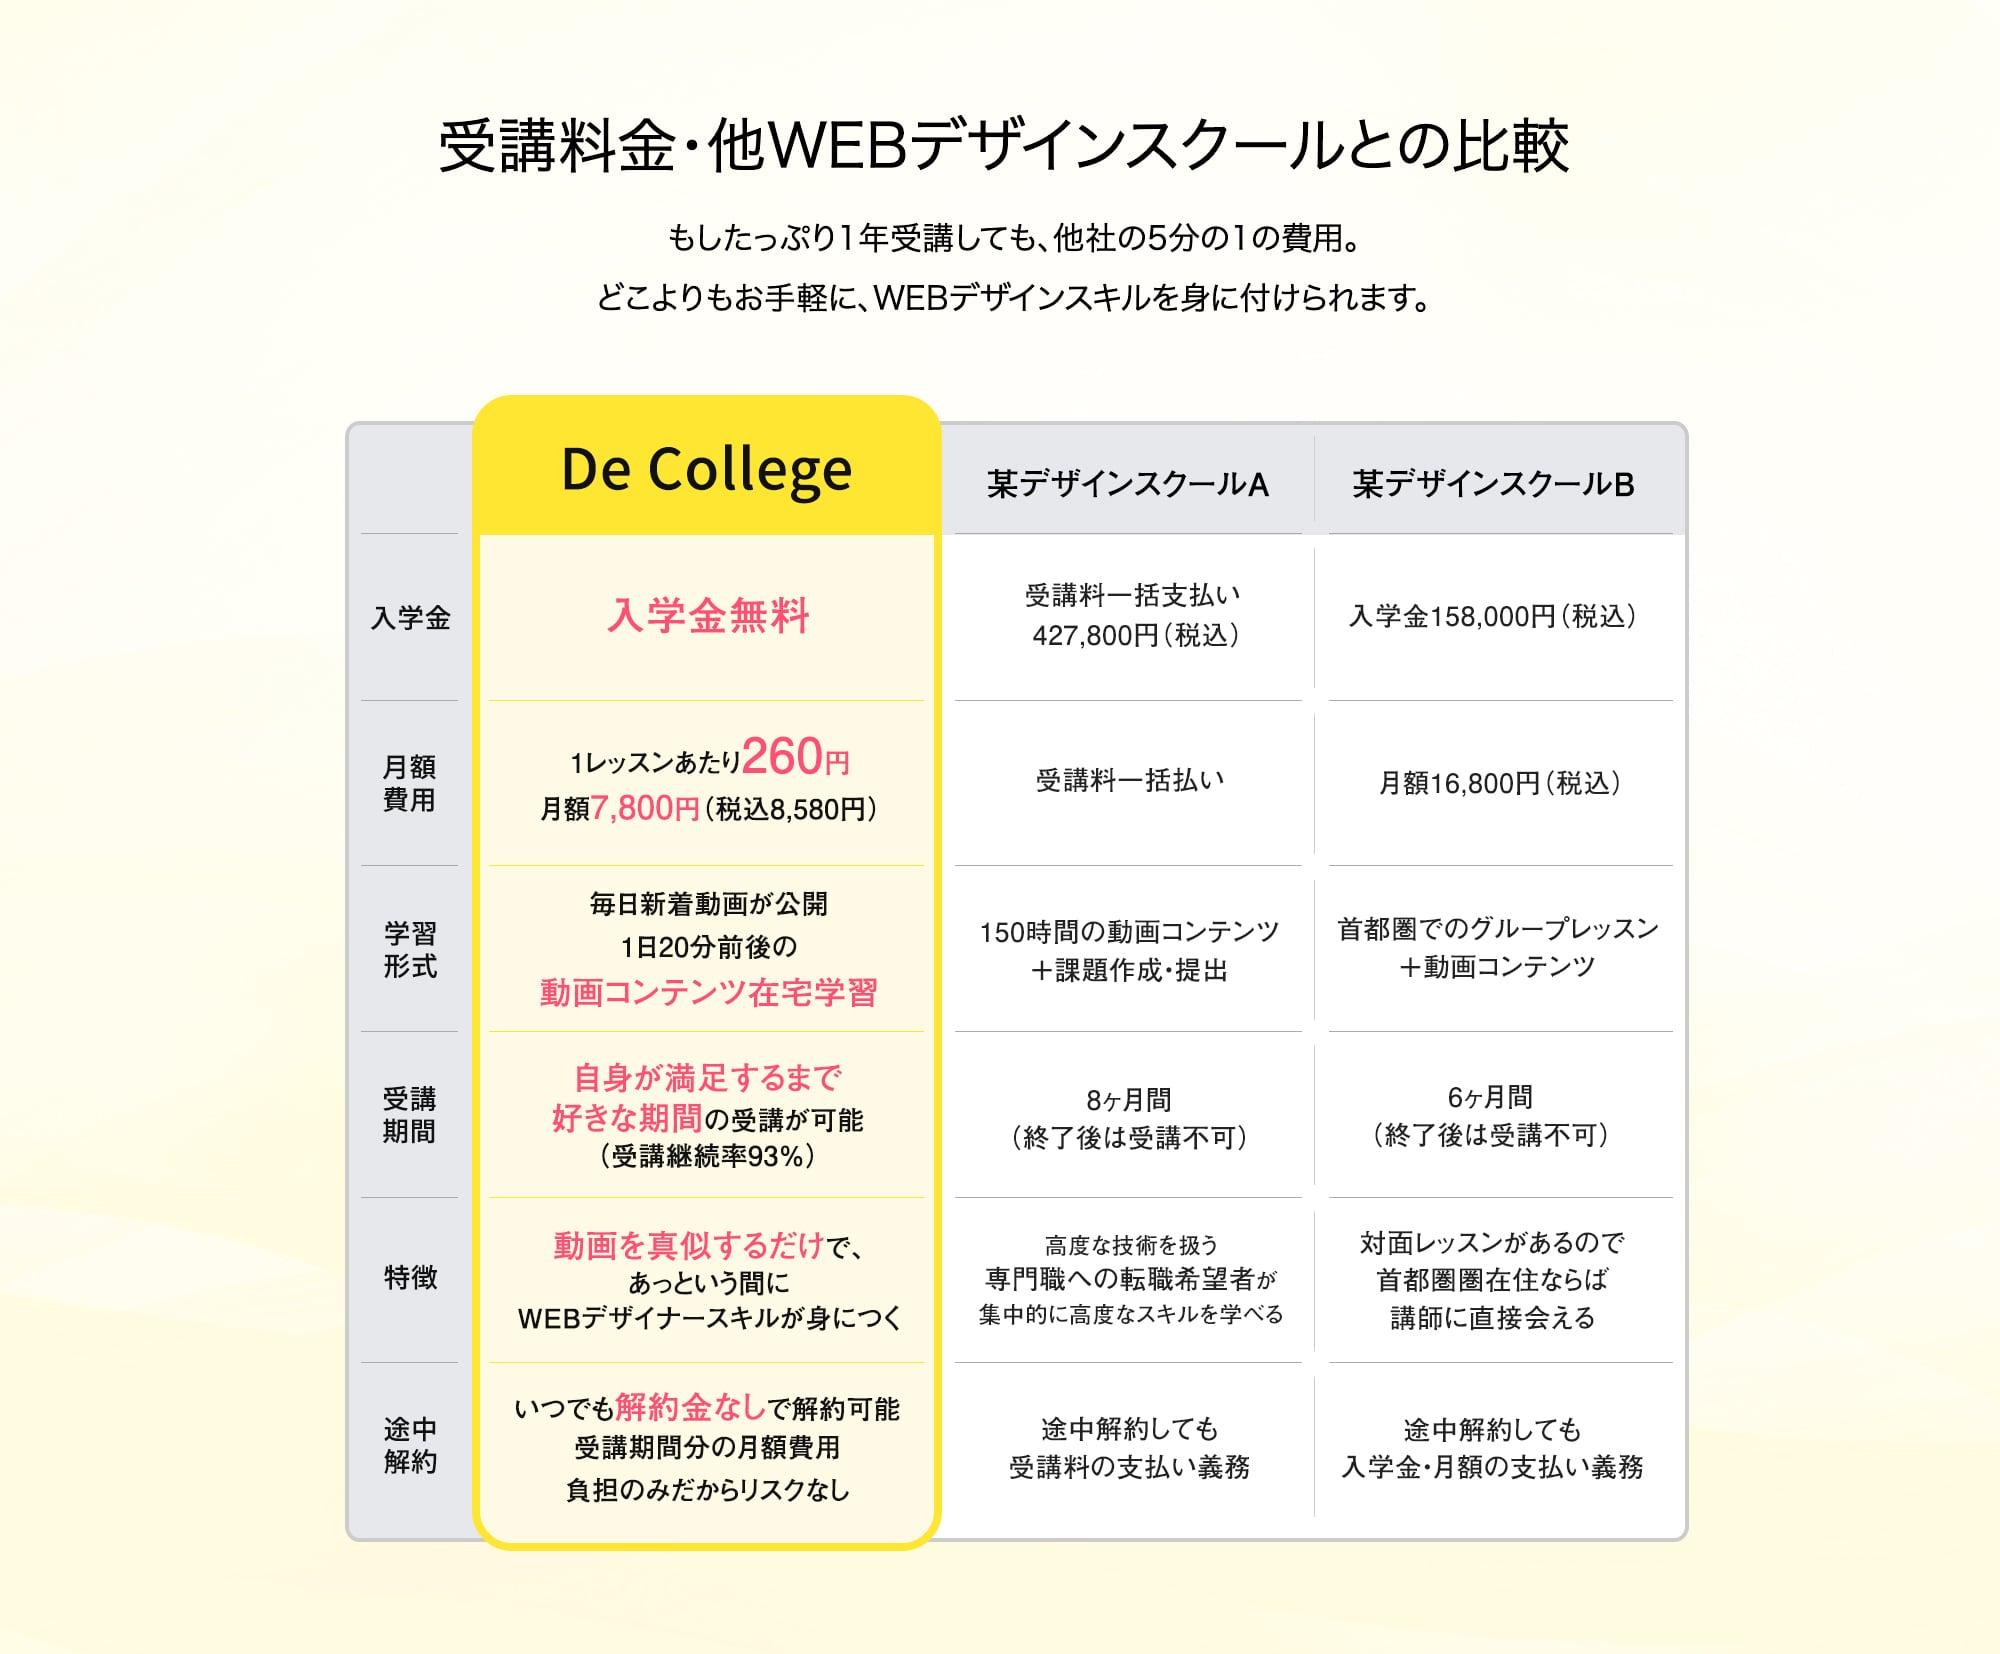 受講料金・他WEBデザインスクールとの比較